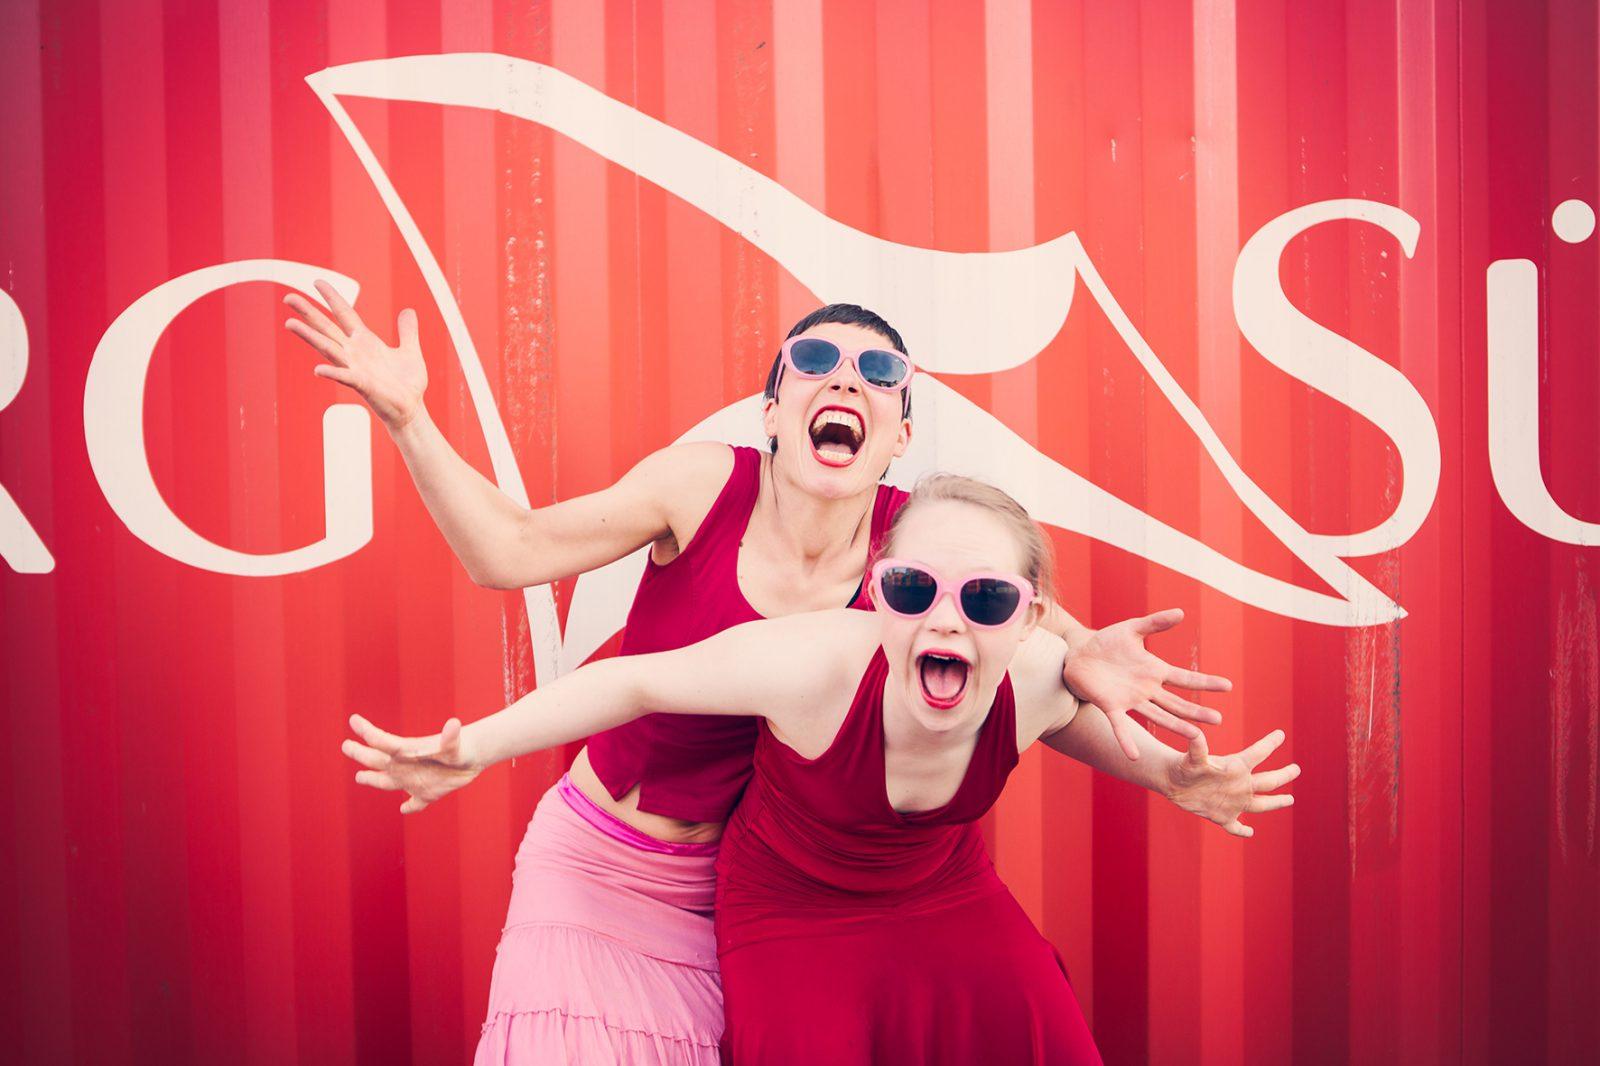 zwei Tänzerinnen lachen in die Kamera